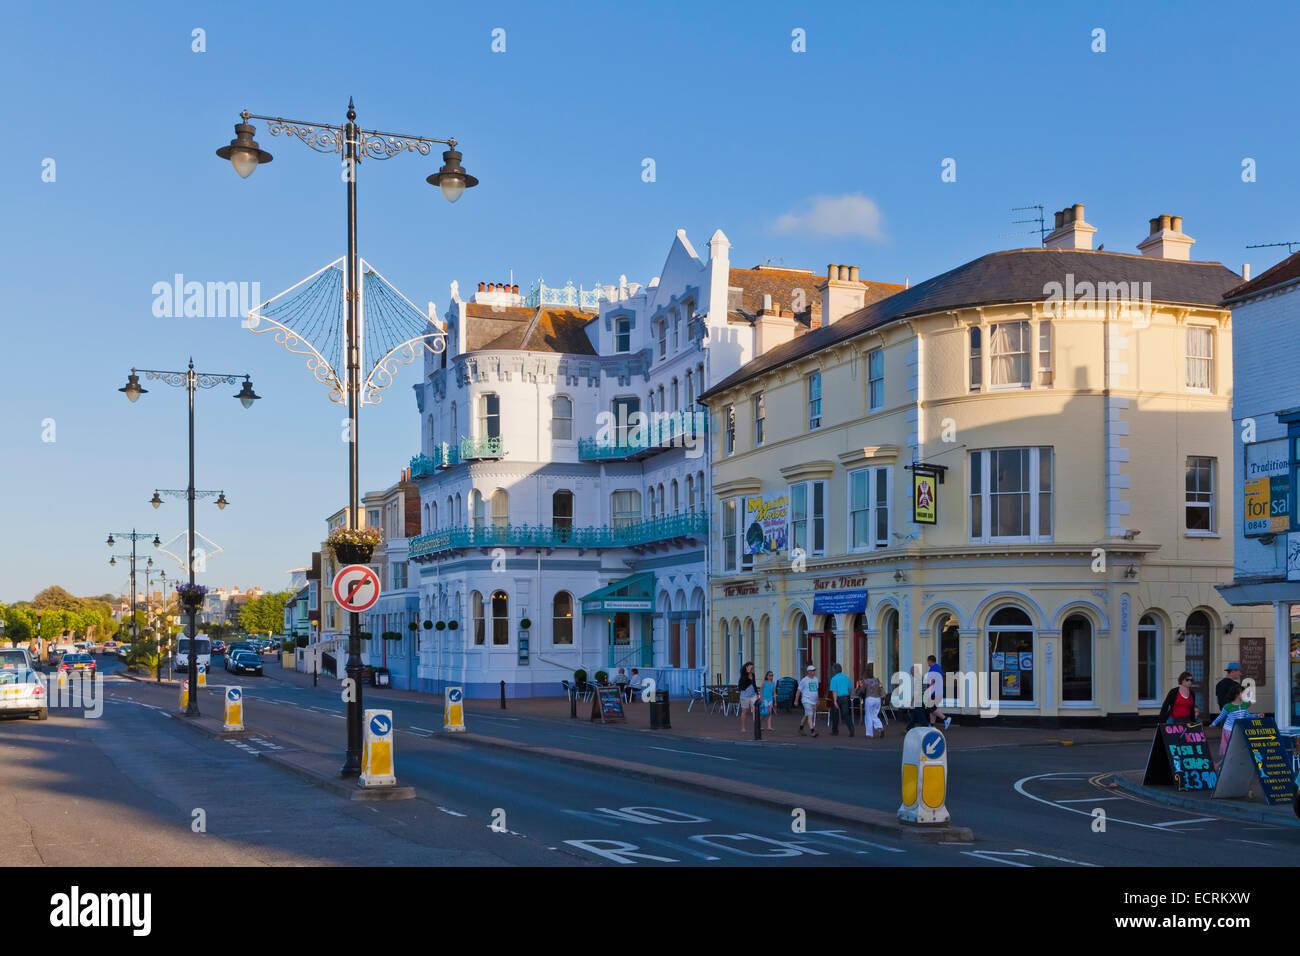 HOTEL ESPLANADE, RESTAURANTS, ESPLANADE, RYDE, ISLE OF WIGHT, ENGLAND, GREAT BRITAIN - Stock Image